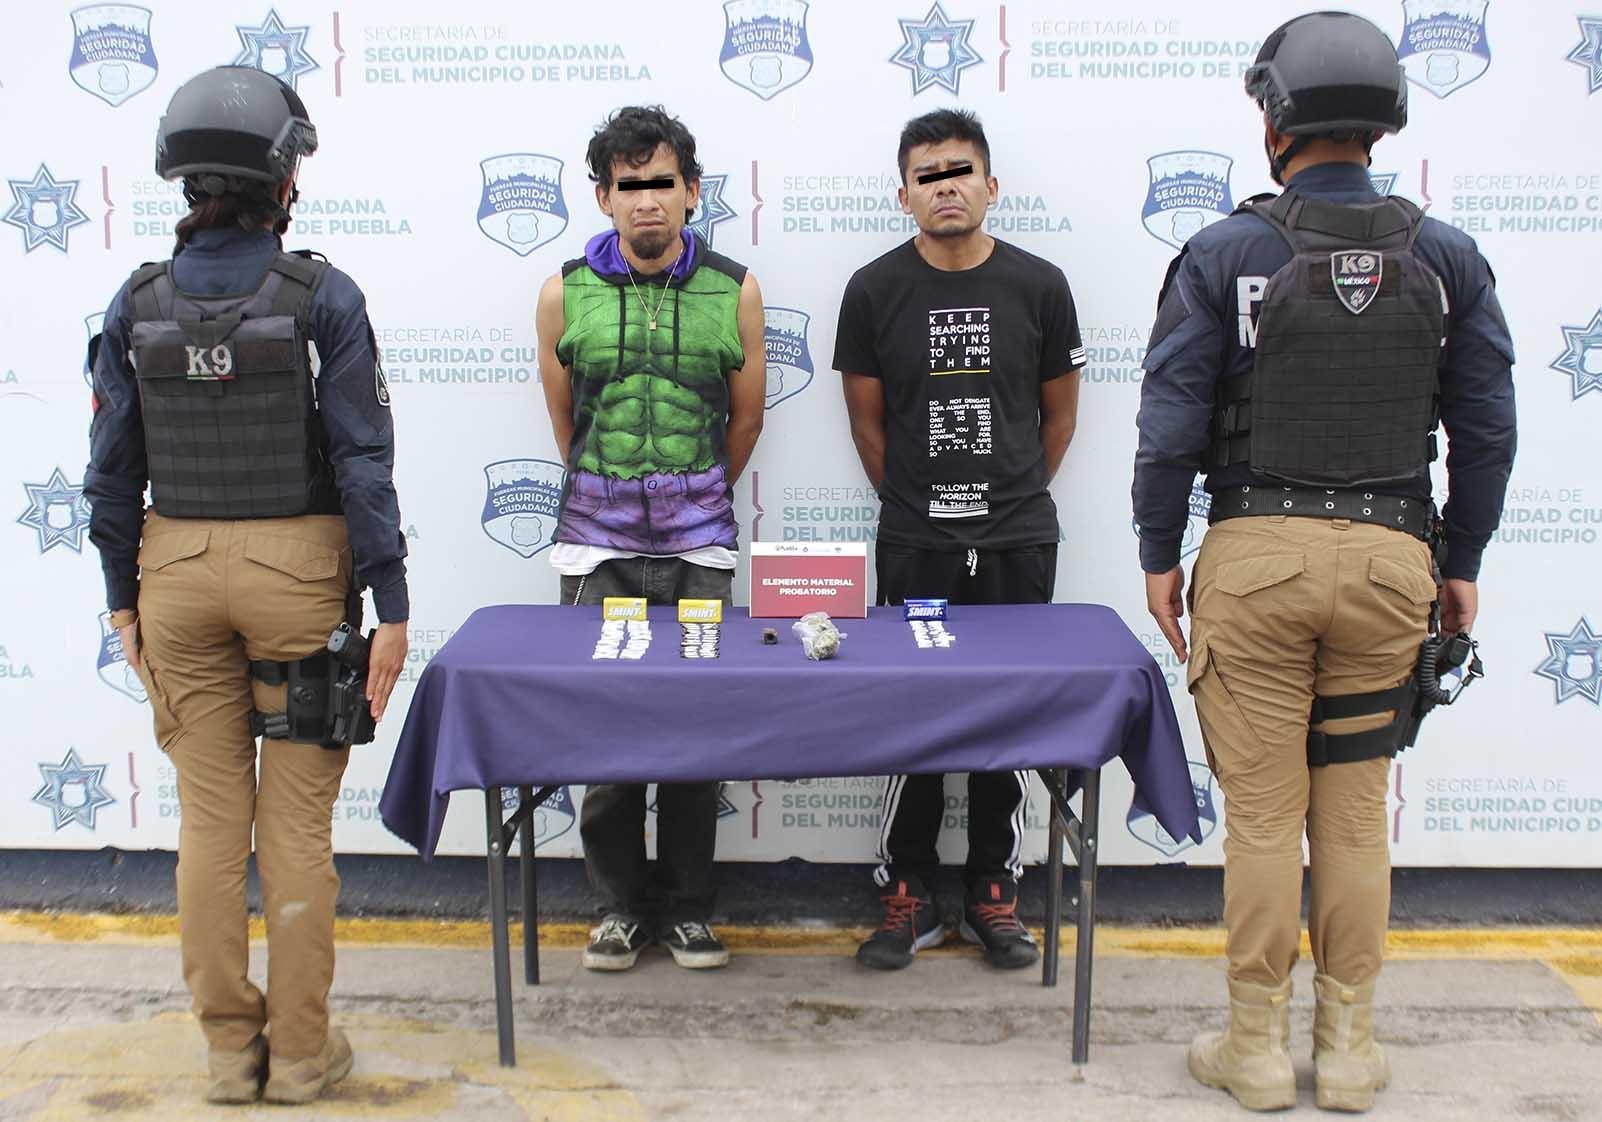 Detuvo Grupo K9 de la Policía Municipal de Puebla a dos probables narcomenudistas